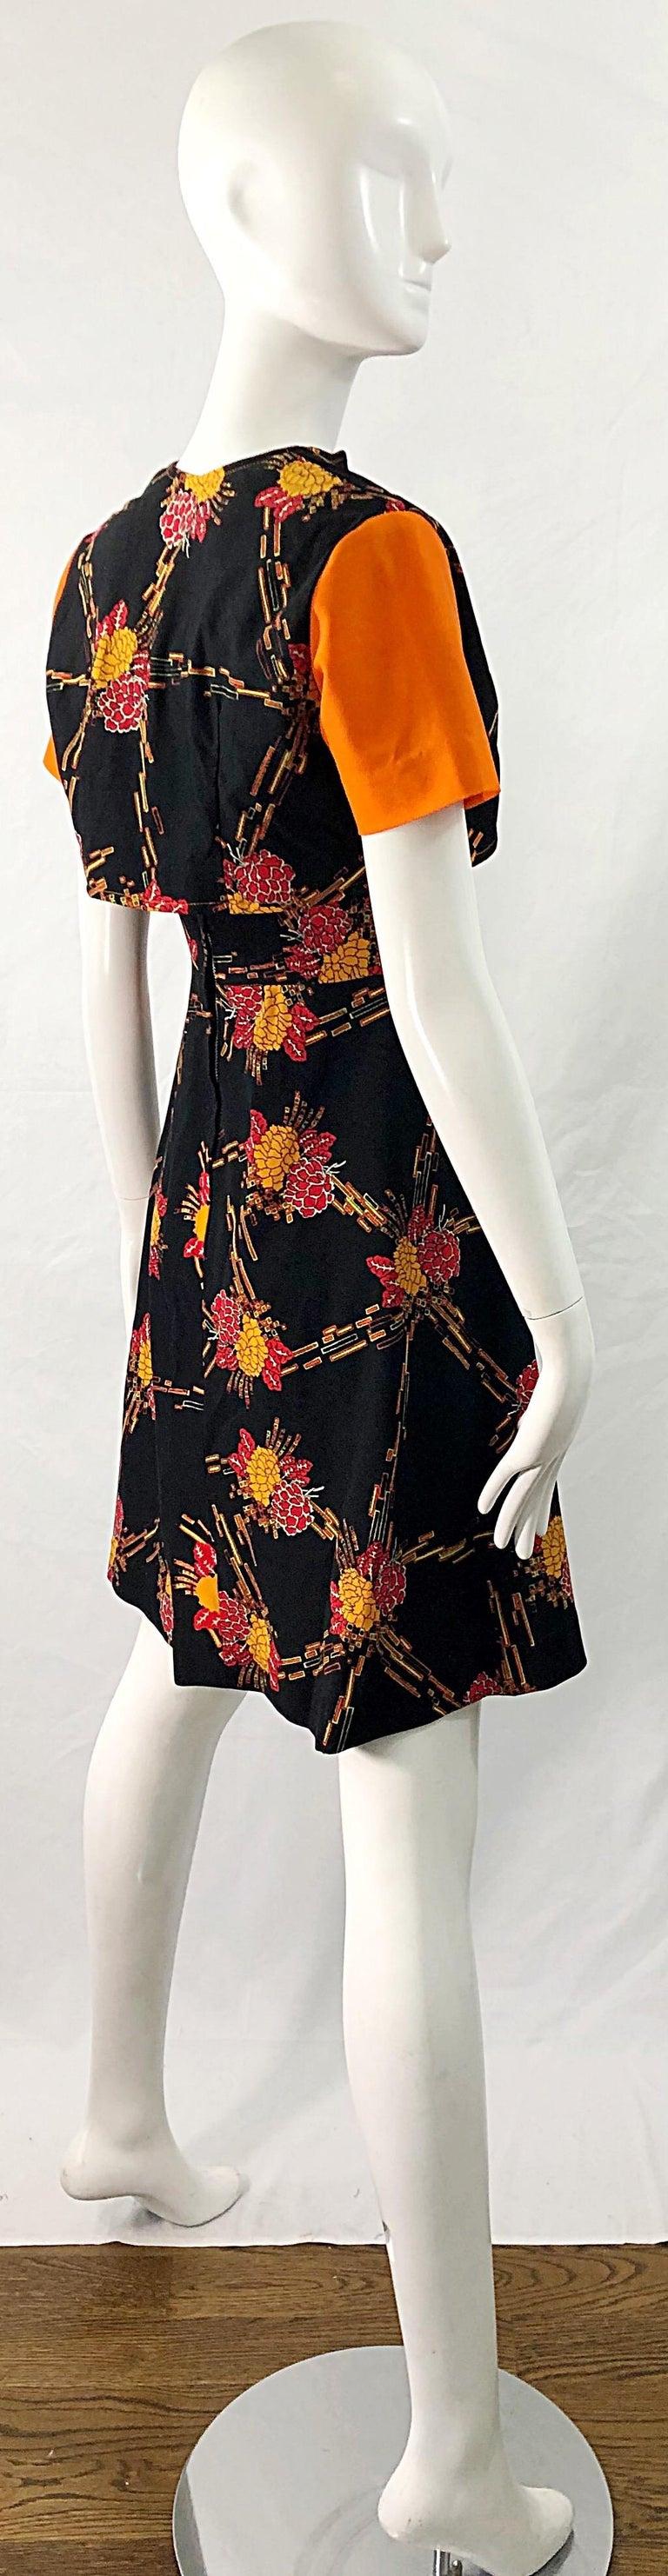 Women's 1970s Autumnal Digital Floral Print Knit Vintage 70s A Line Dress + Bolero Top For Sale